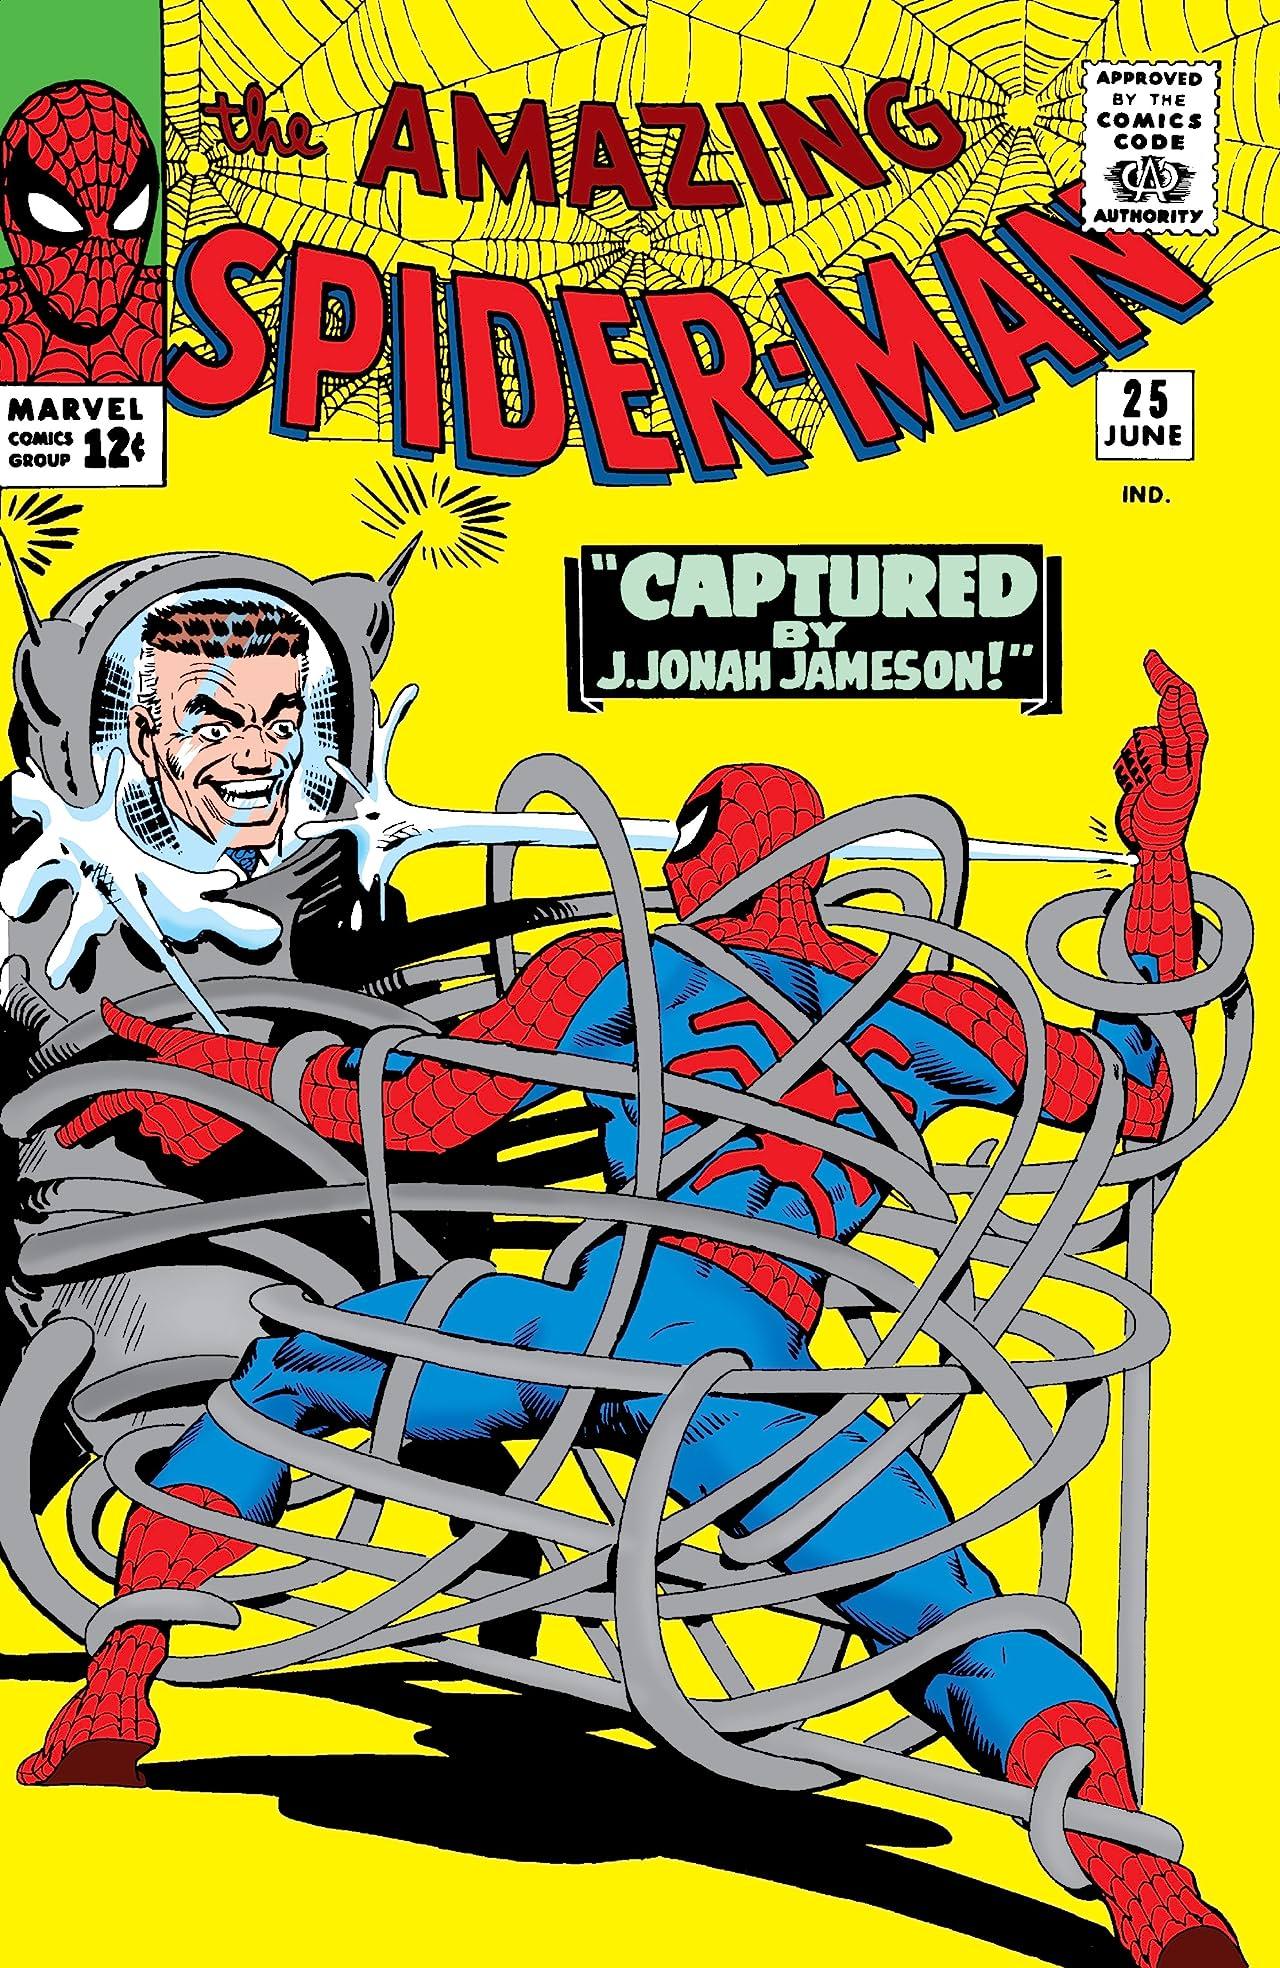 Amazing Spider-Man #025